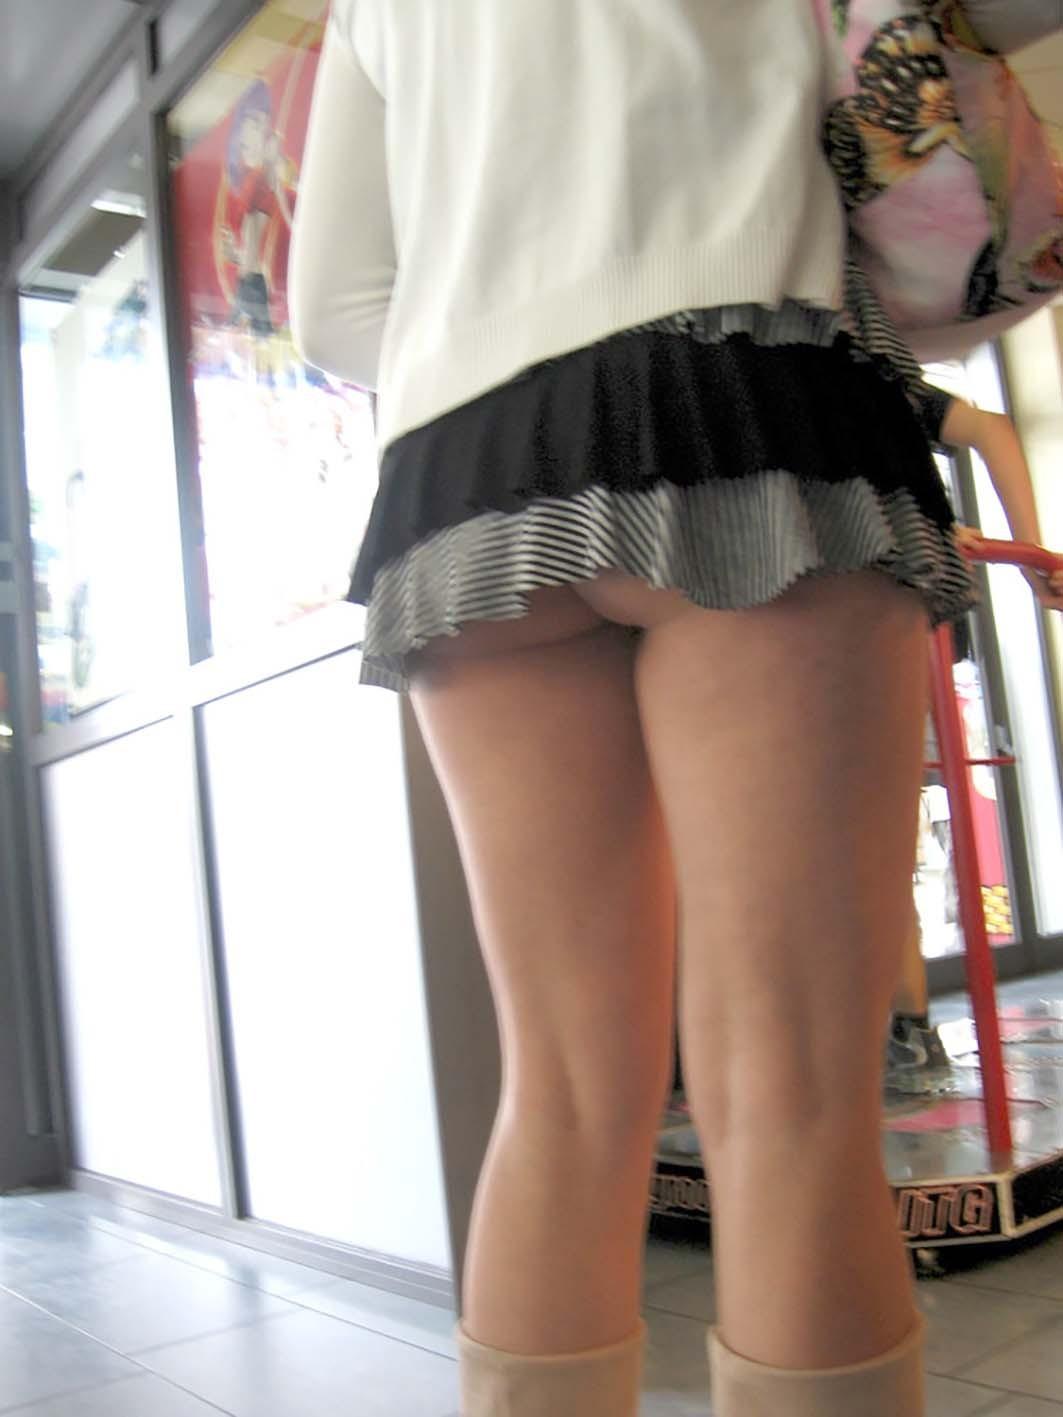 街中で隠し撮りされた女さん、Tバックかノーパンかを検証するスレwww(画像あり)・1枚目